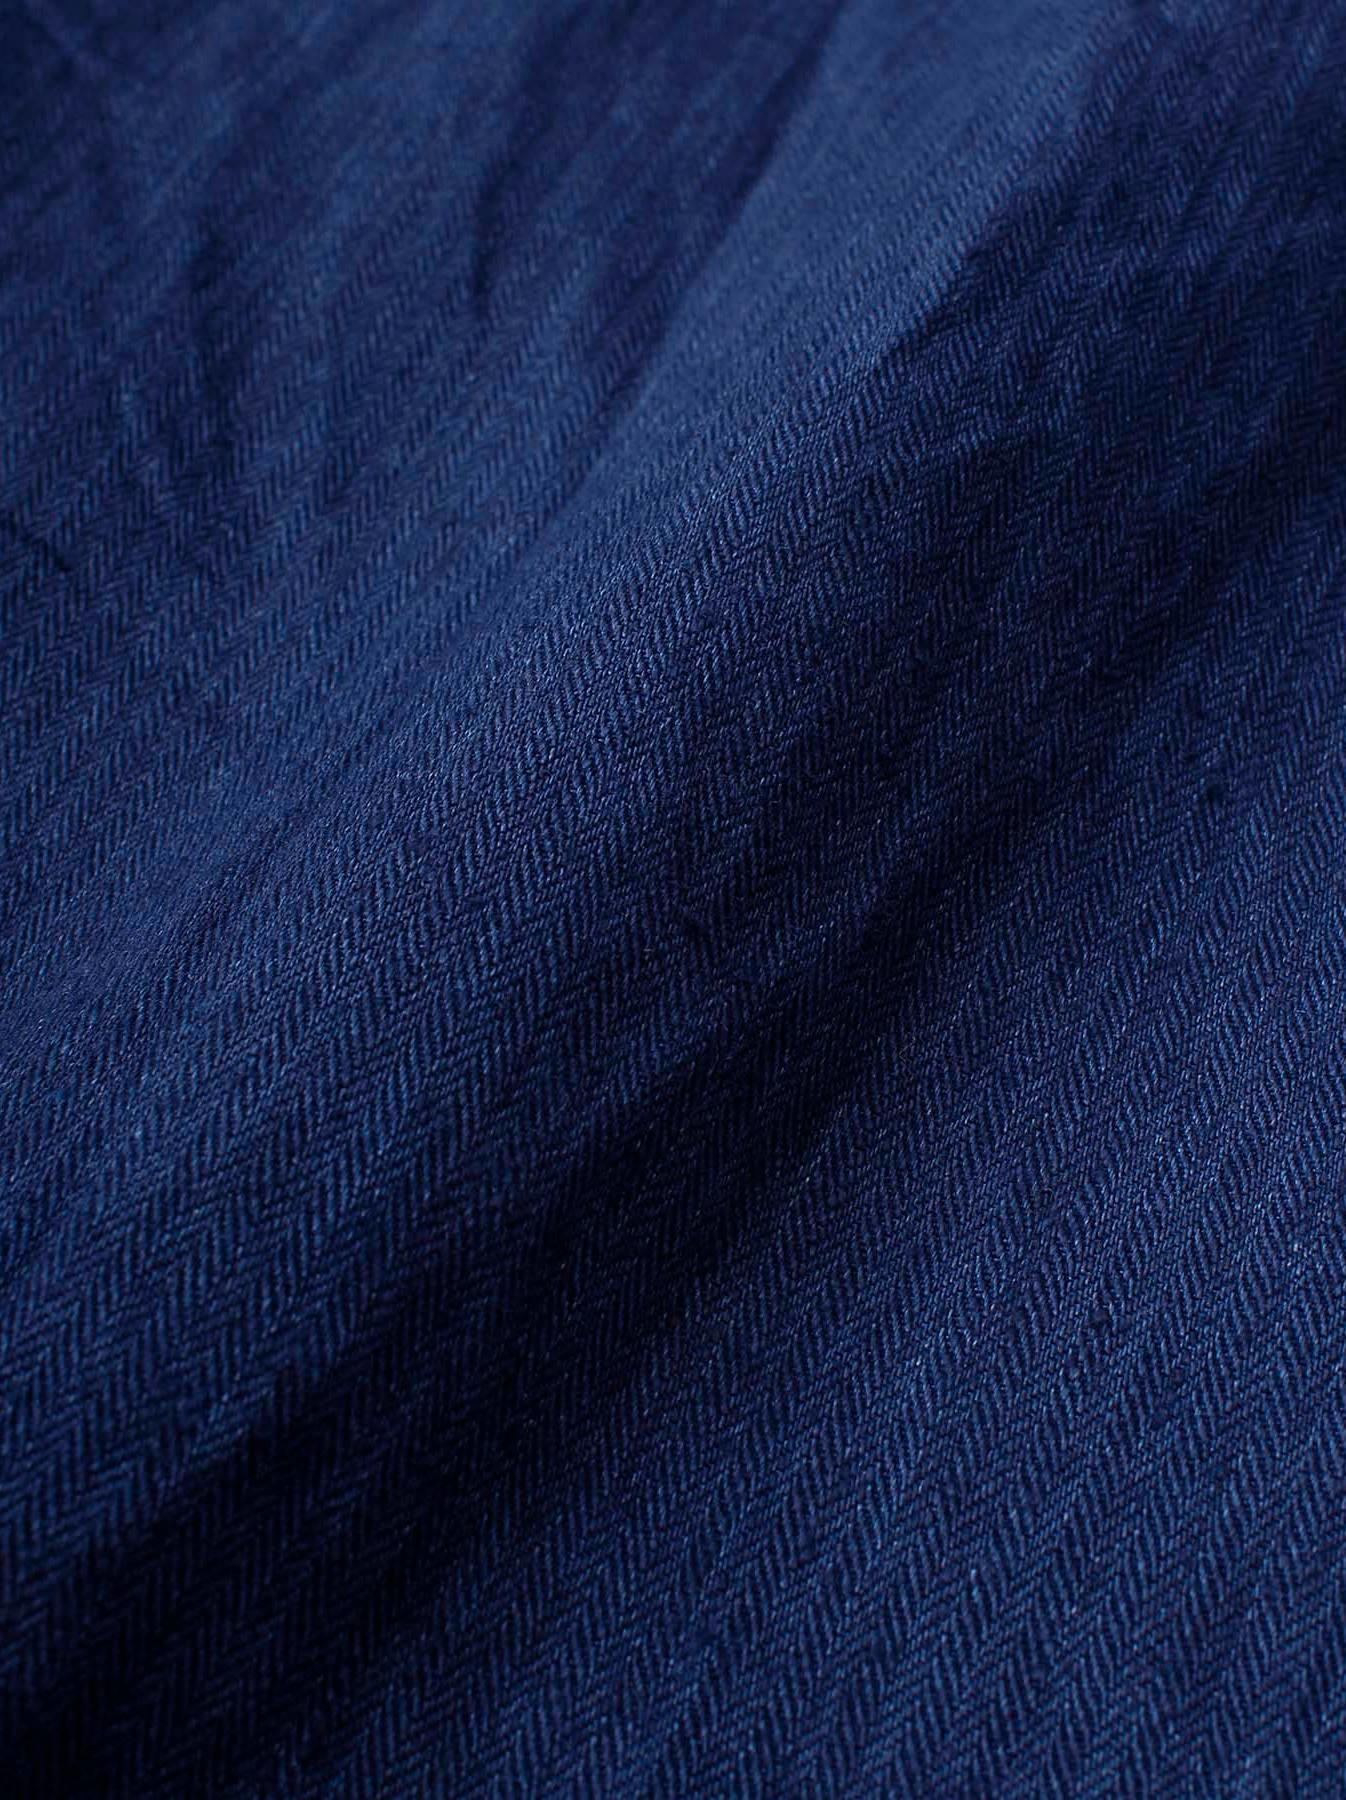 WH Indigo Linen Work3-5